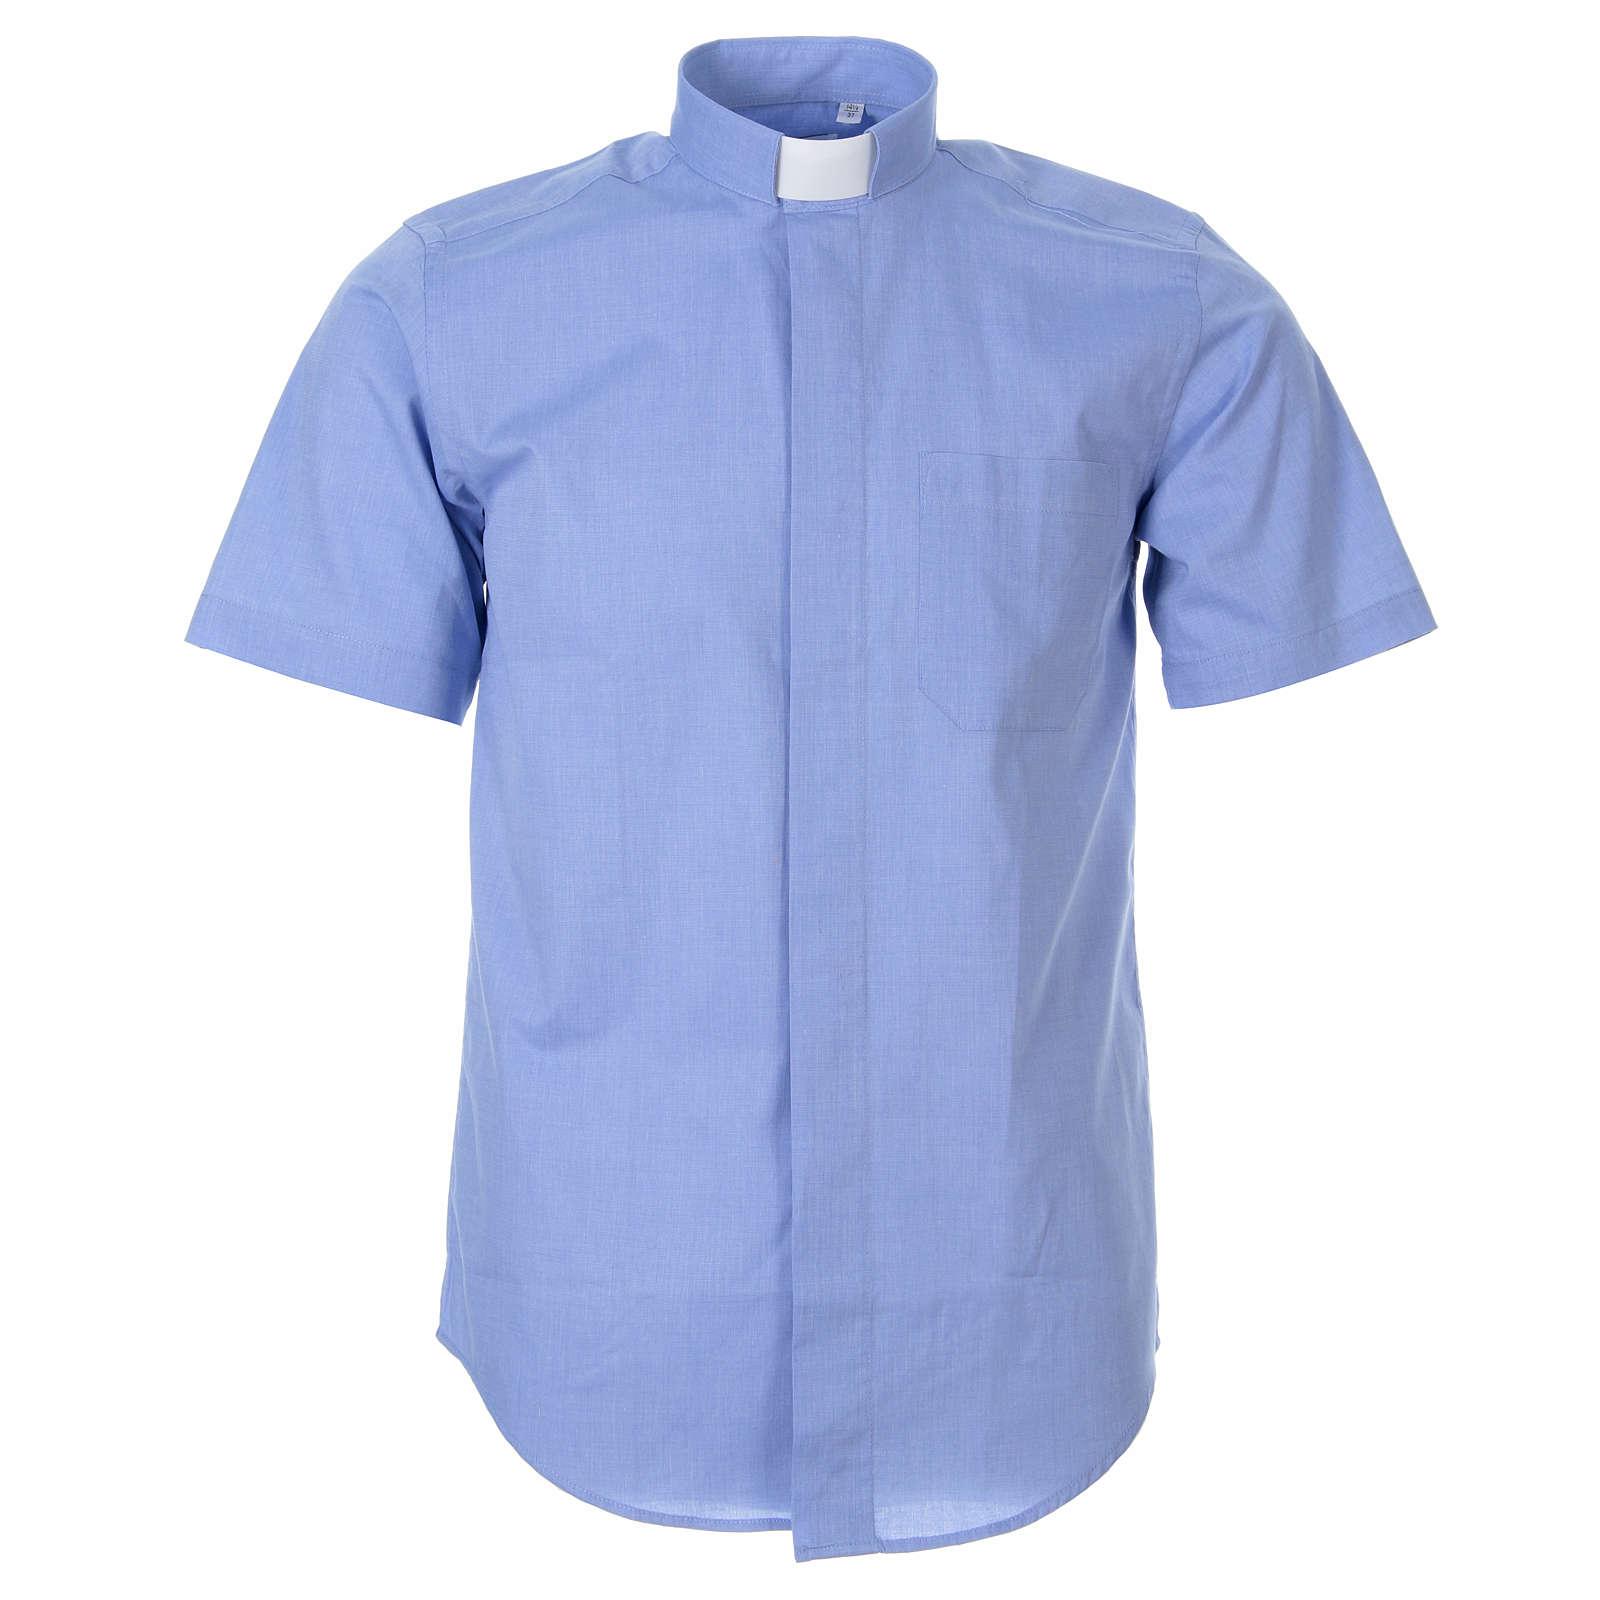 STOCK Camicia clergy manica corta filafil azzurro 4